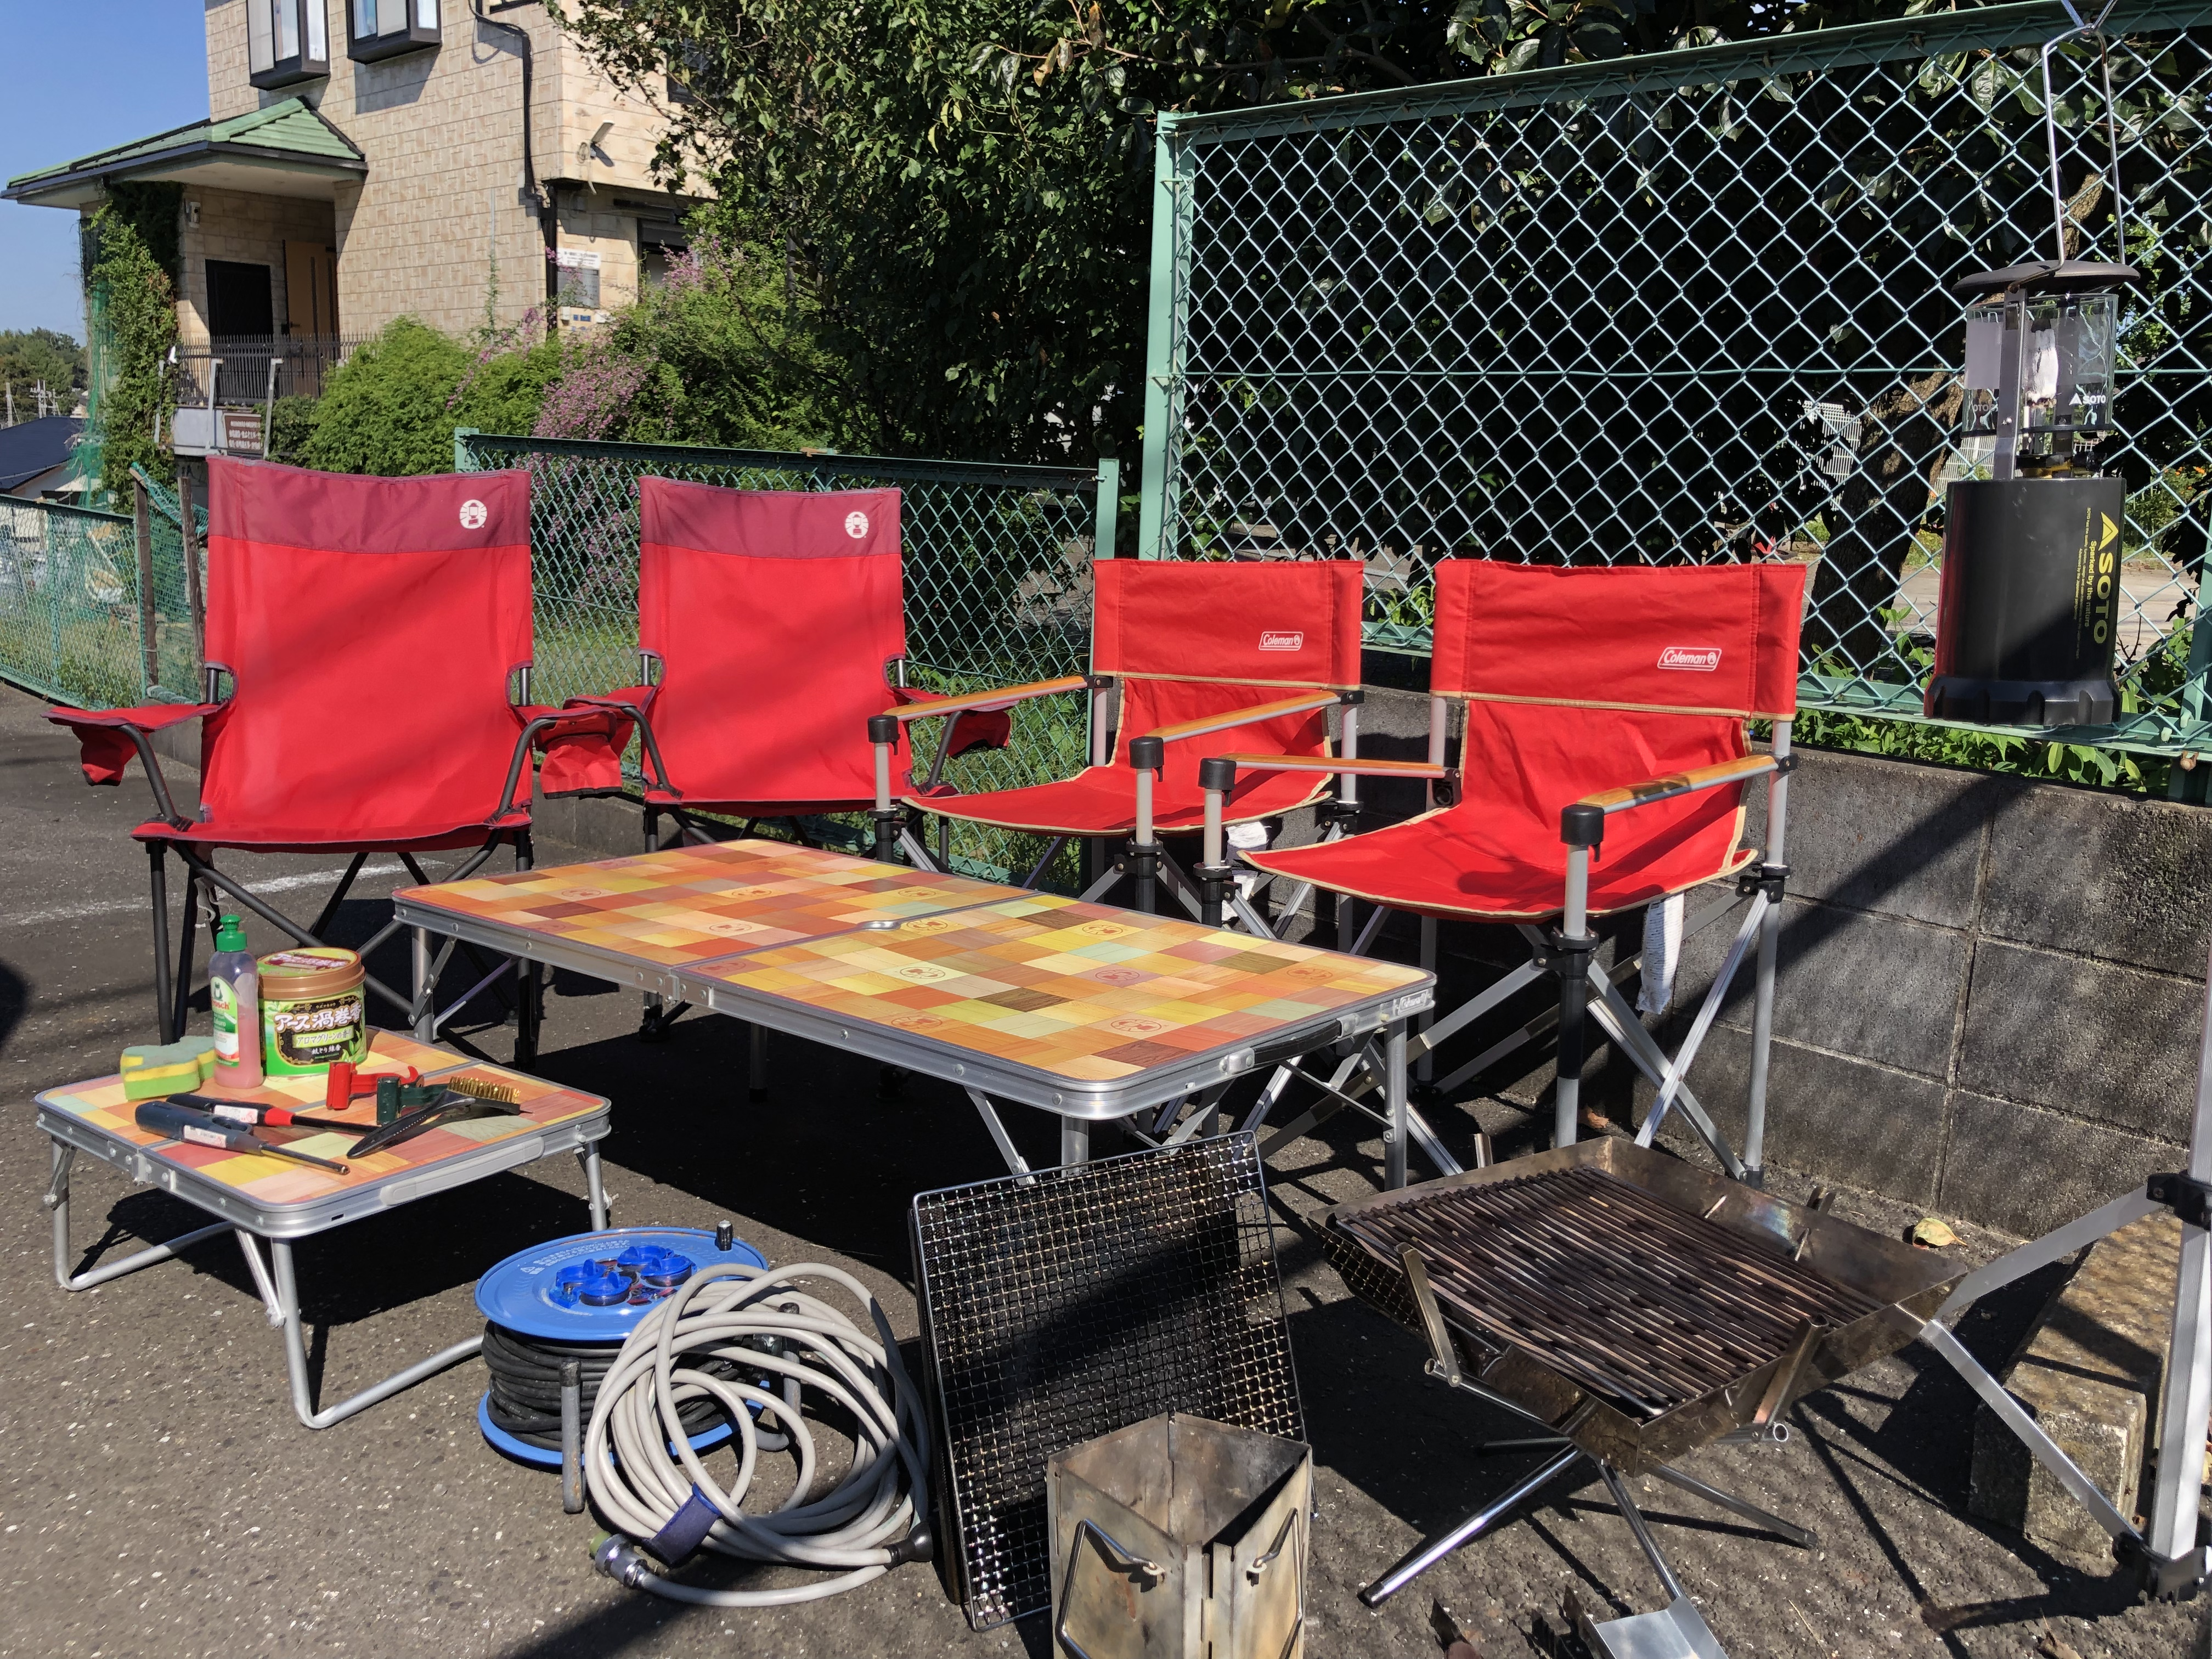 無料オプション 椅子×4  テーブル大と小 火起こし器 ファイアーグリル(金網 鉄板 ロストル)ガス式ランタン ランタンポール 延長コード